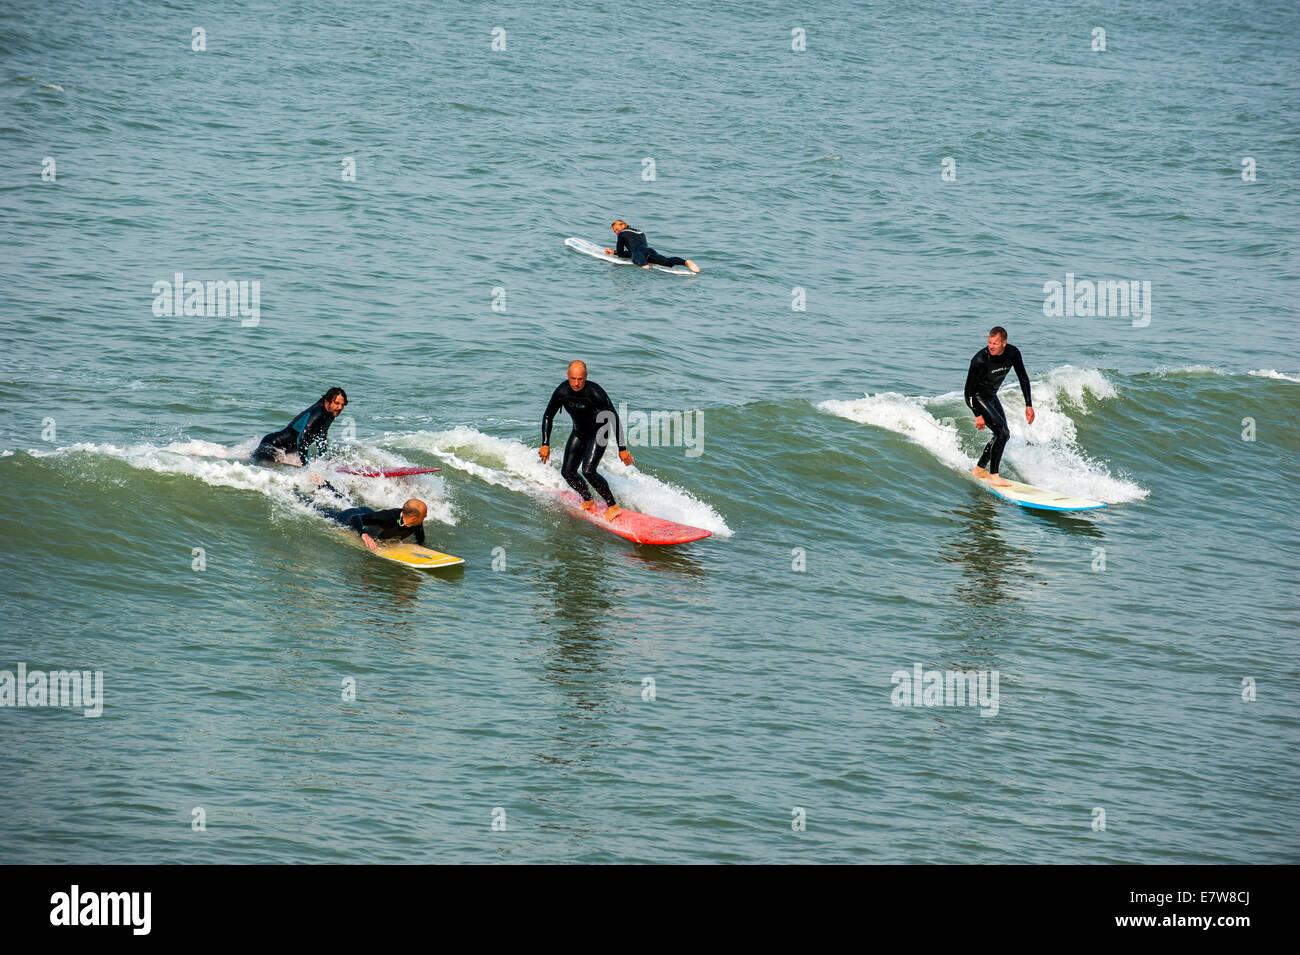 Mittleren Alters Surfer in Neoprenanzüge auf Welle auf Surfboards, wie es auf dem Meer bricht Stockfoto